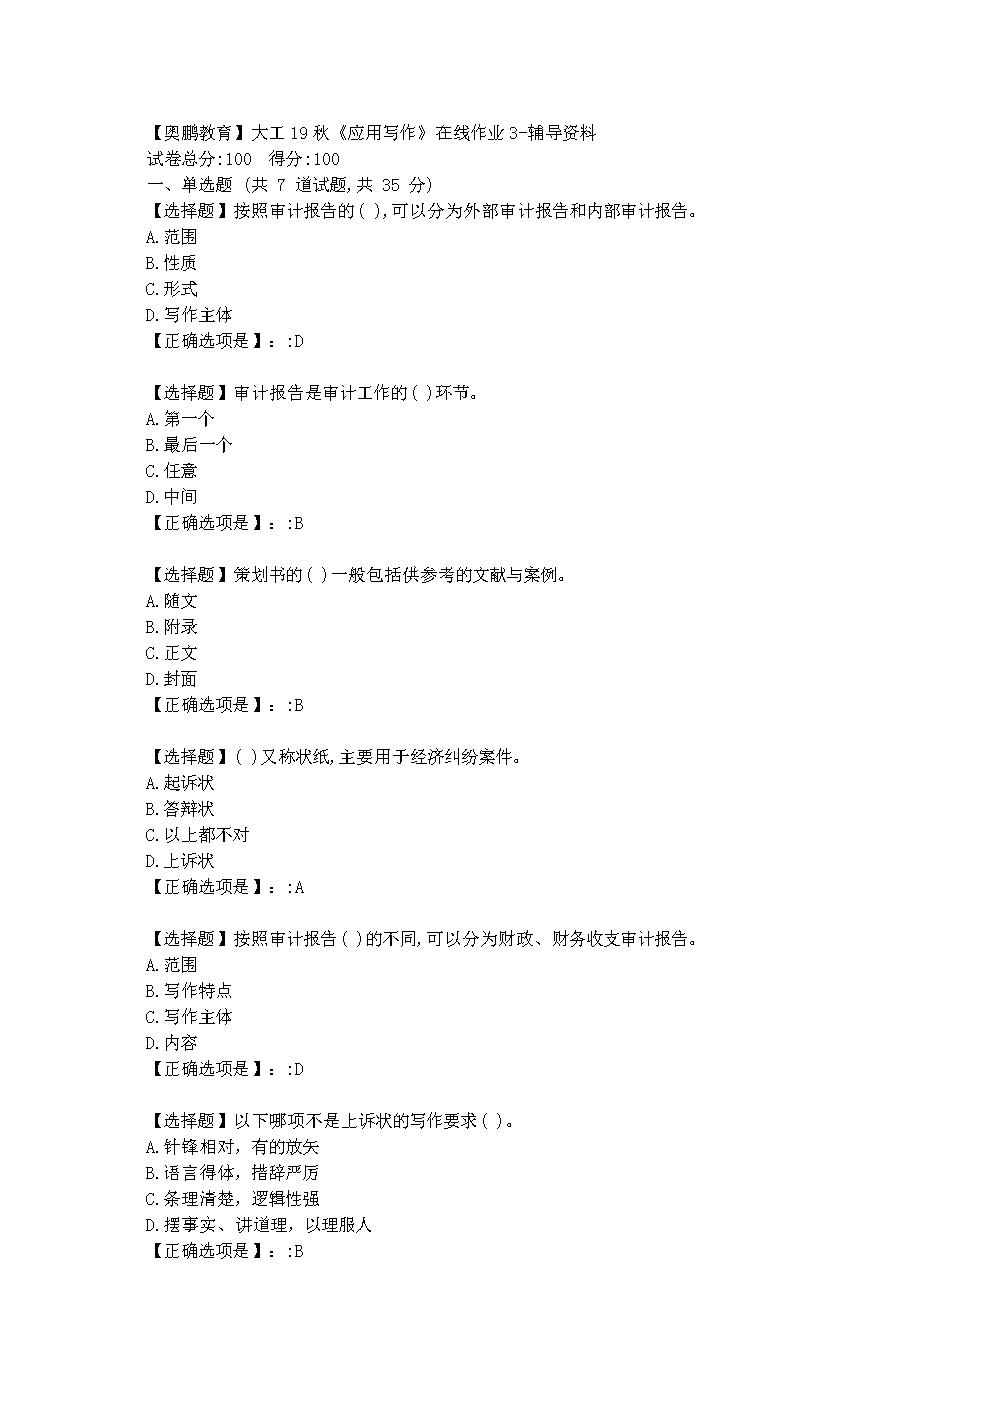 大连理工大学19秋《应用写作》在线作业3学习资料.doc